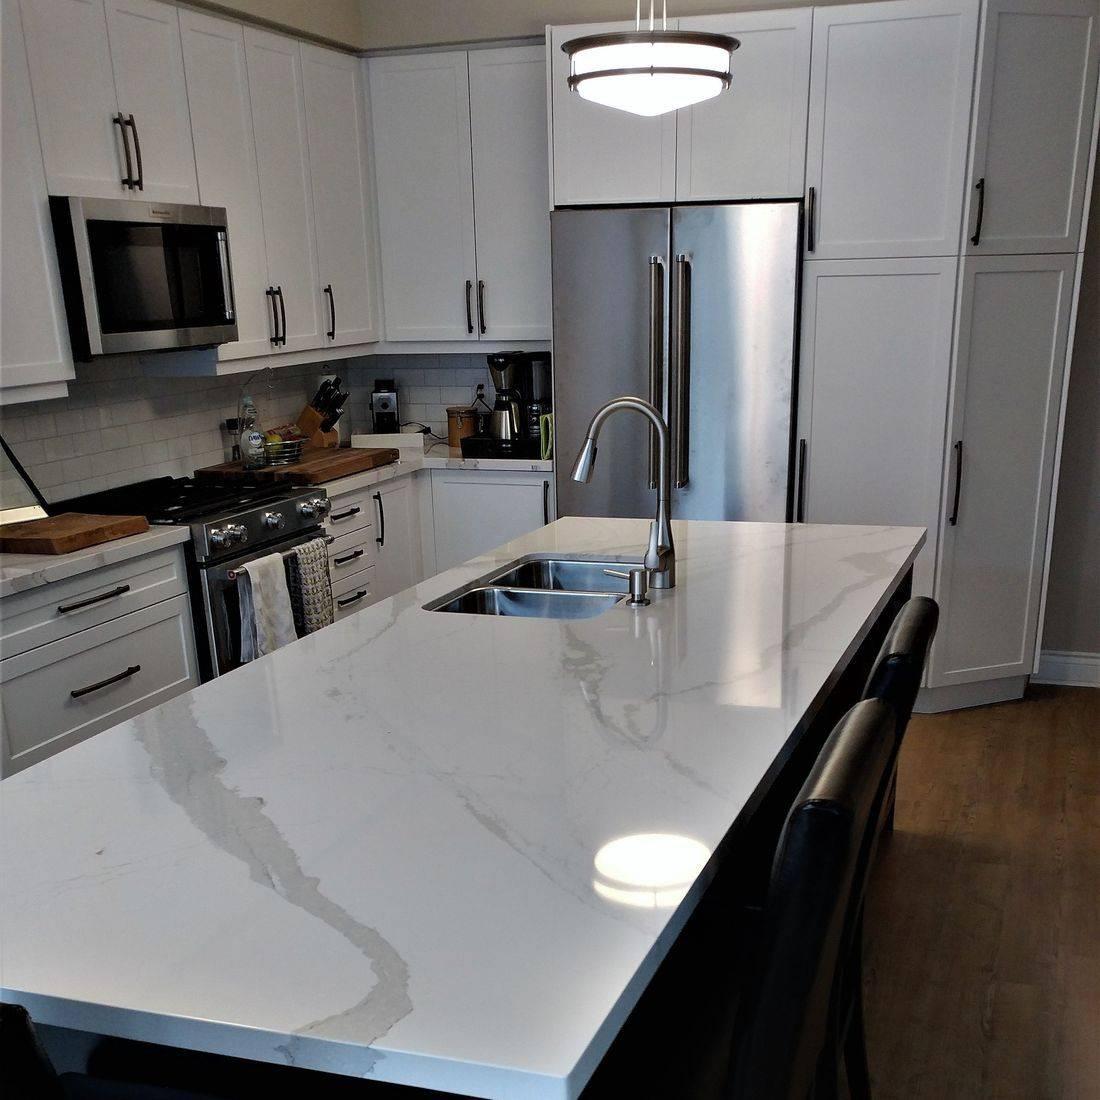 Sibra Kitchens Markham Toronto quartz white black thermofoil shaker cabinets